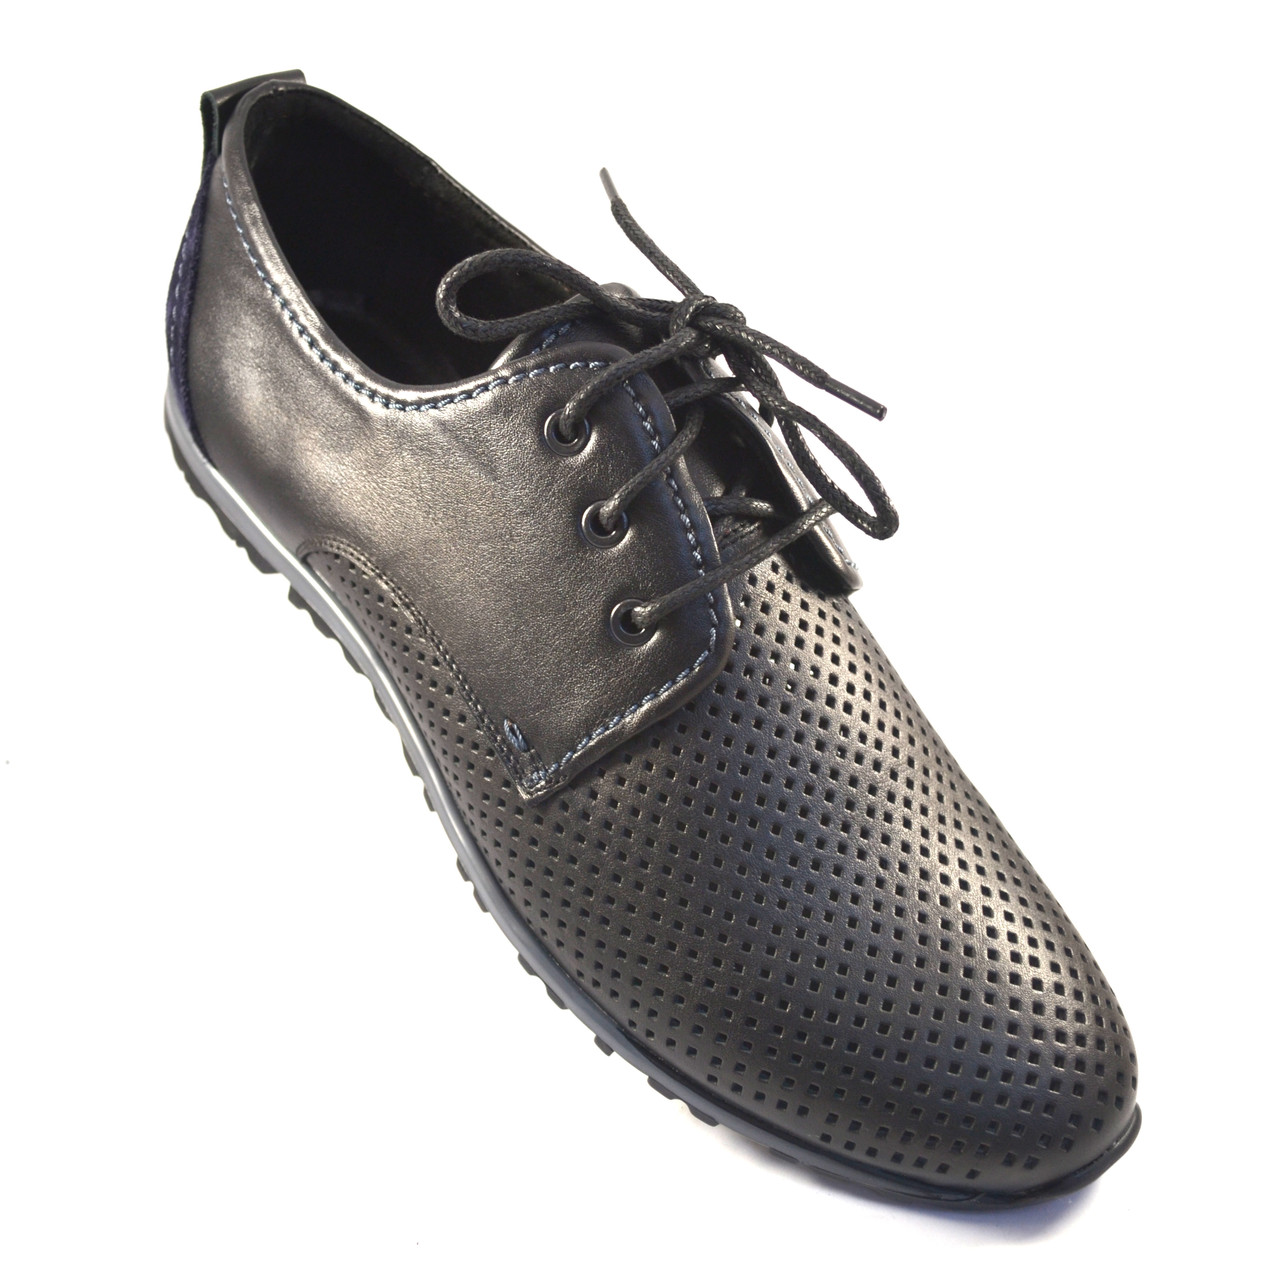 Большой размер летние кроссовки мужские в сеточку кожаные Rosso Avangard BS ANBlack черные